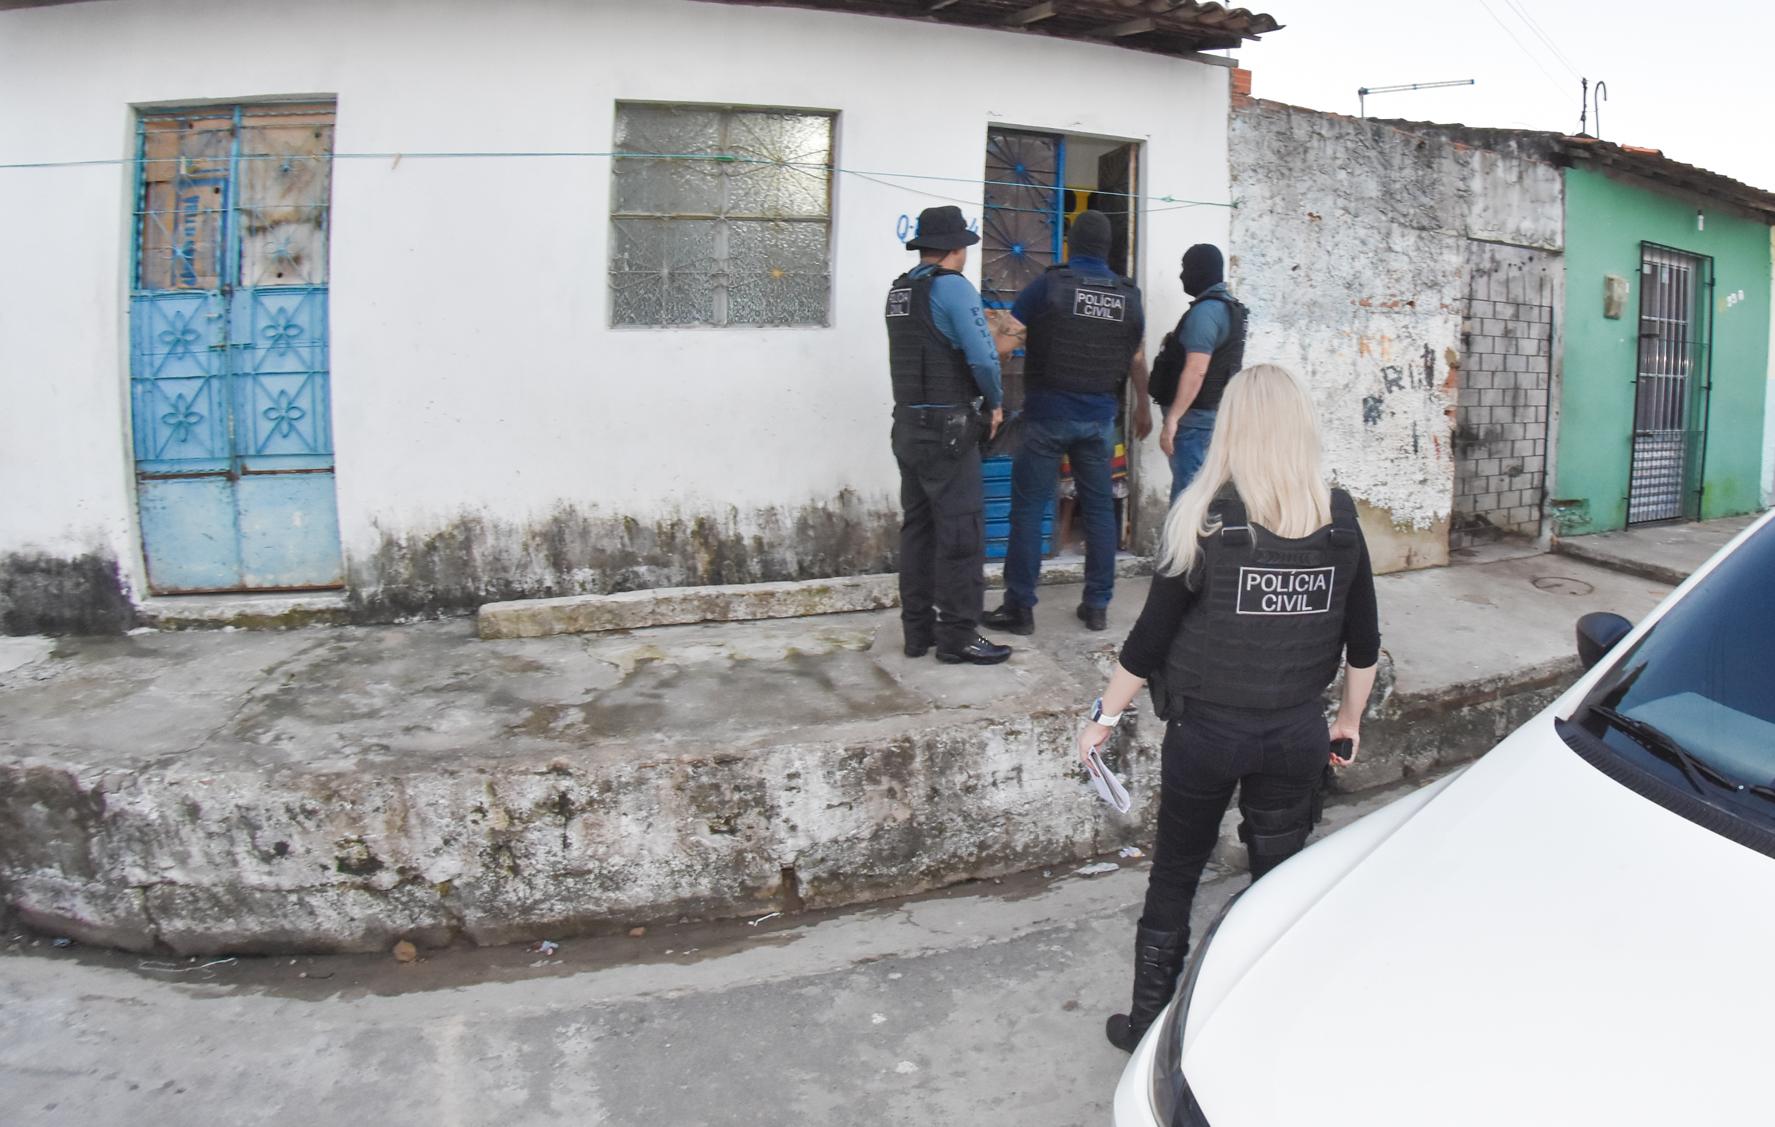 Policiais cumprem mandados contra suspeitos de homicídios em Maceió e região